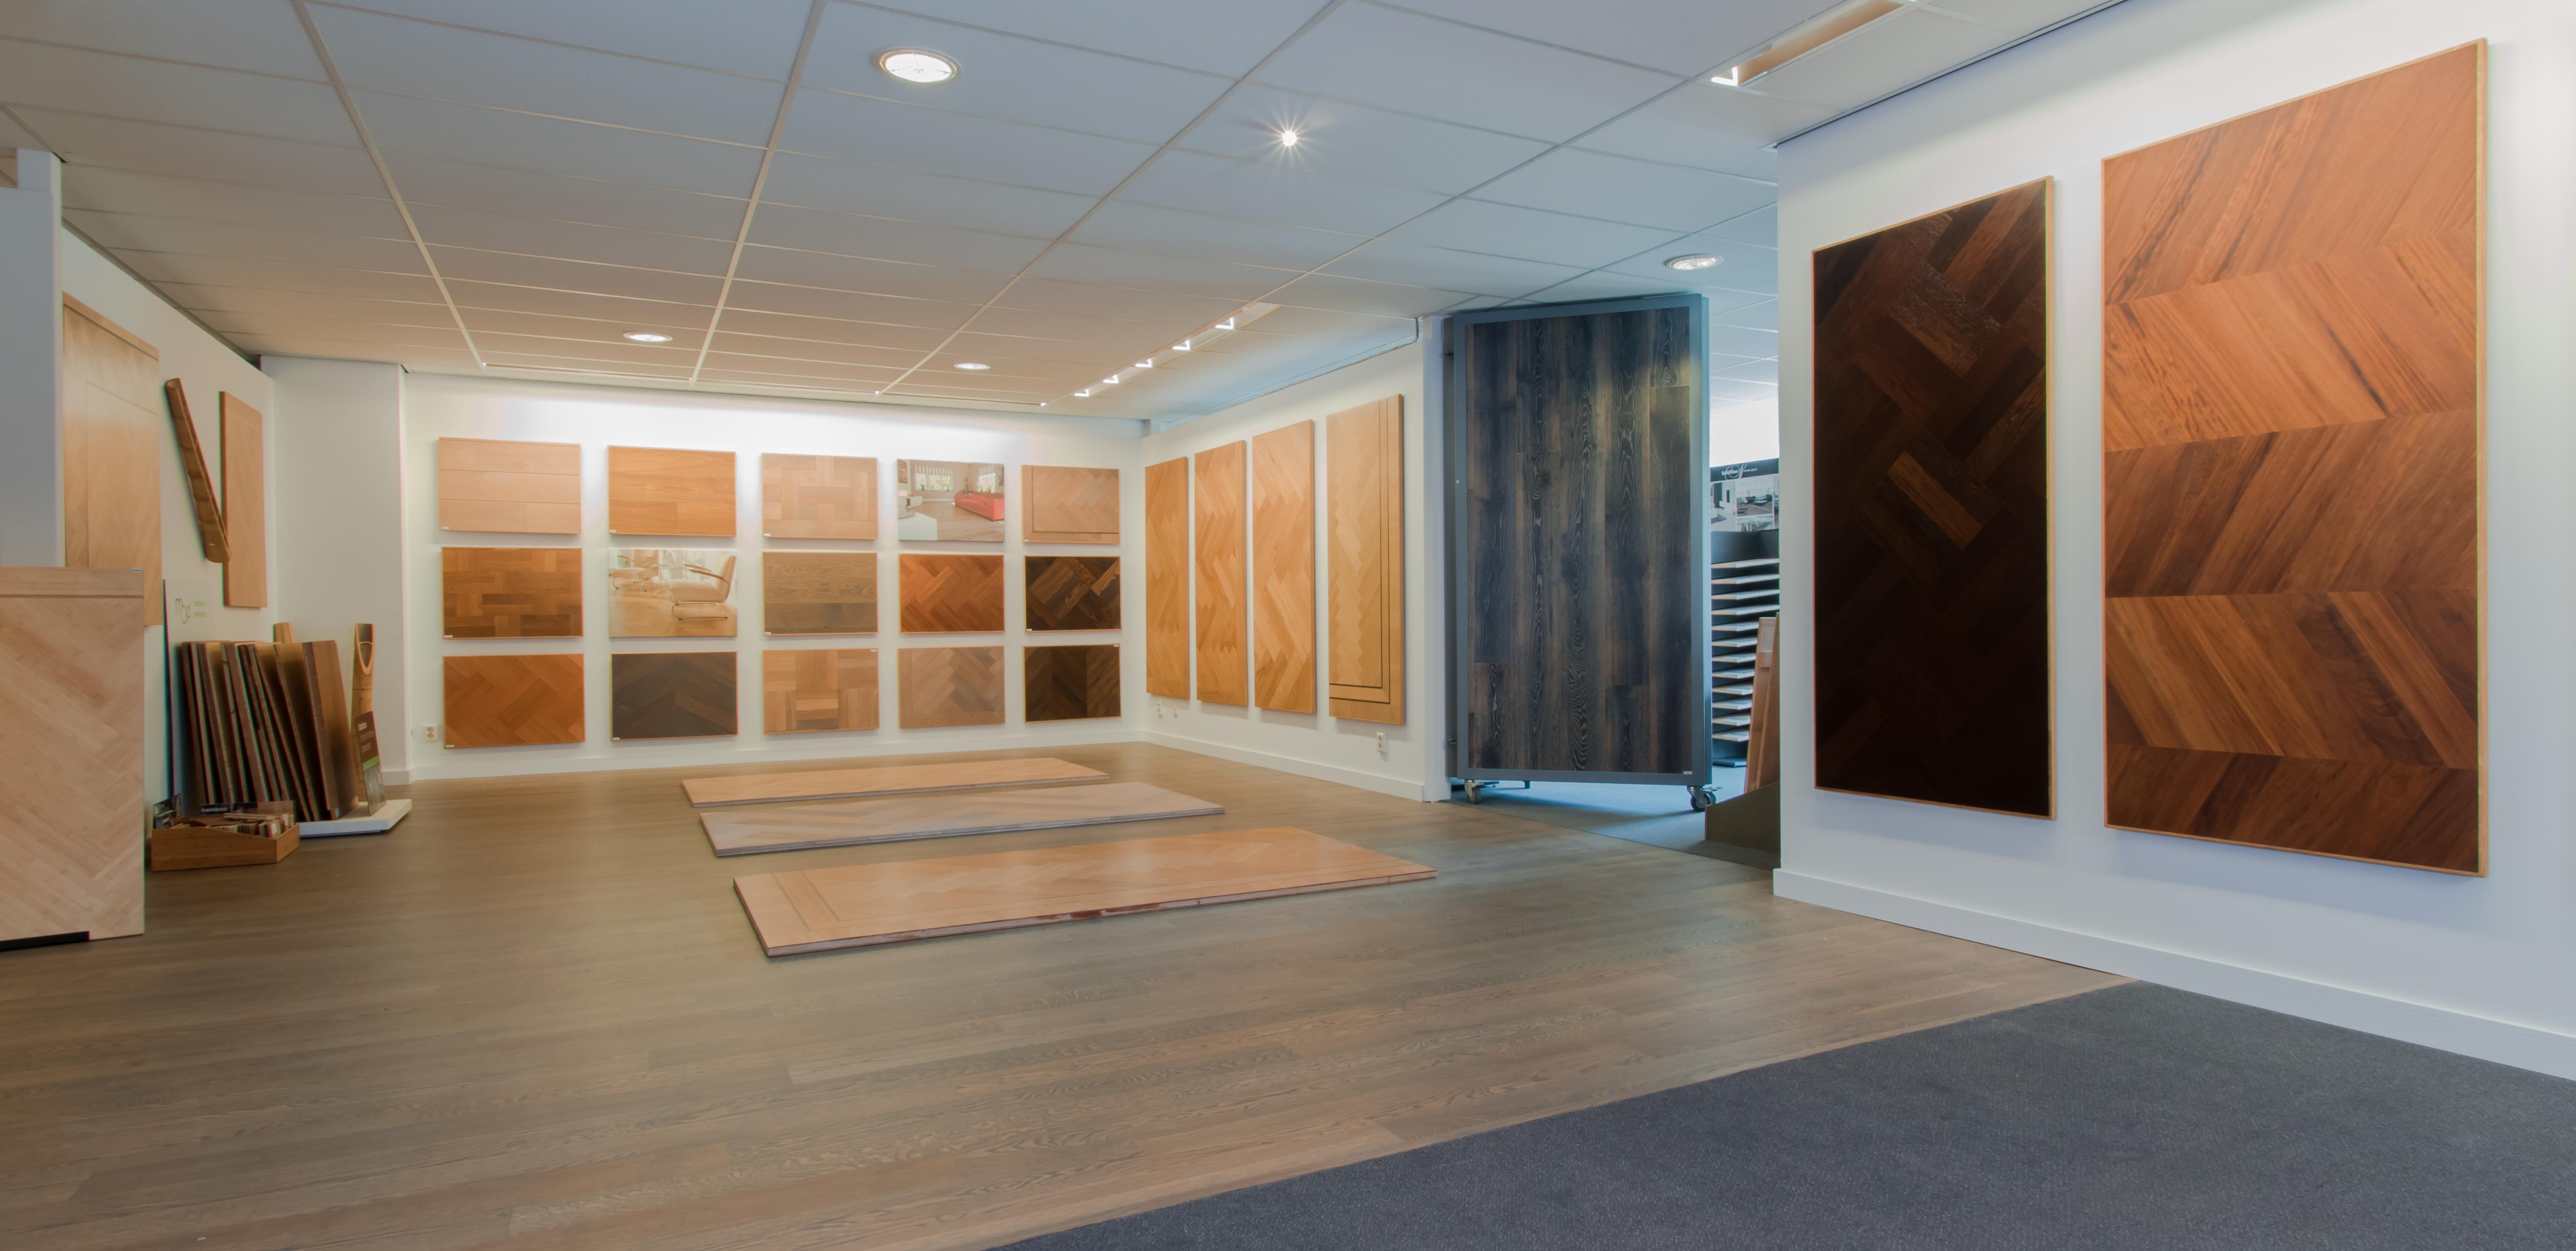 Slaapkamer Designers Guild : Maak kennis met de uitgebreide vloeren ...